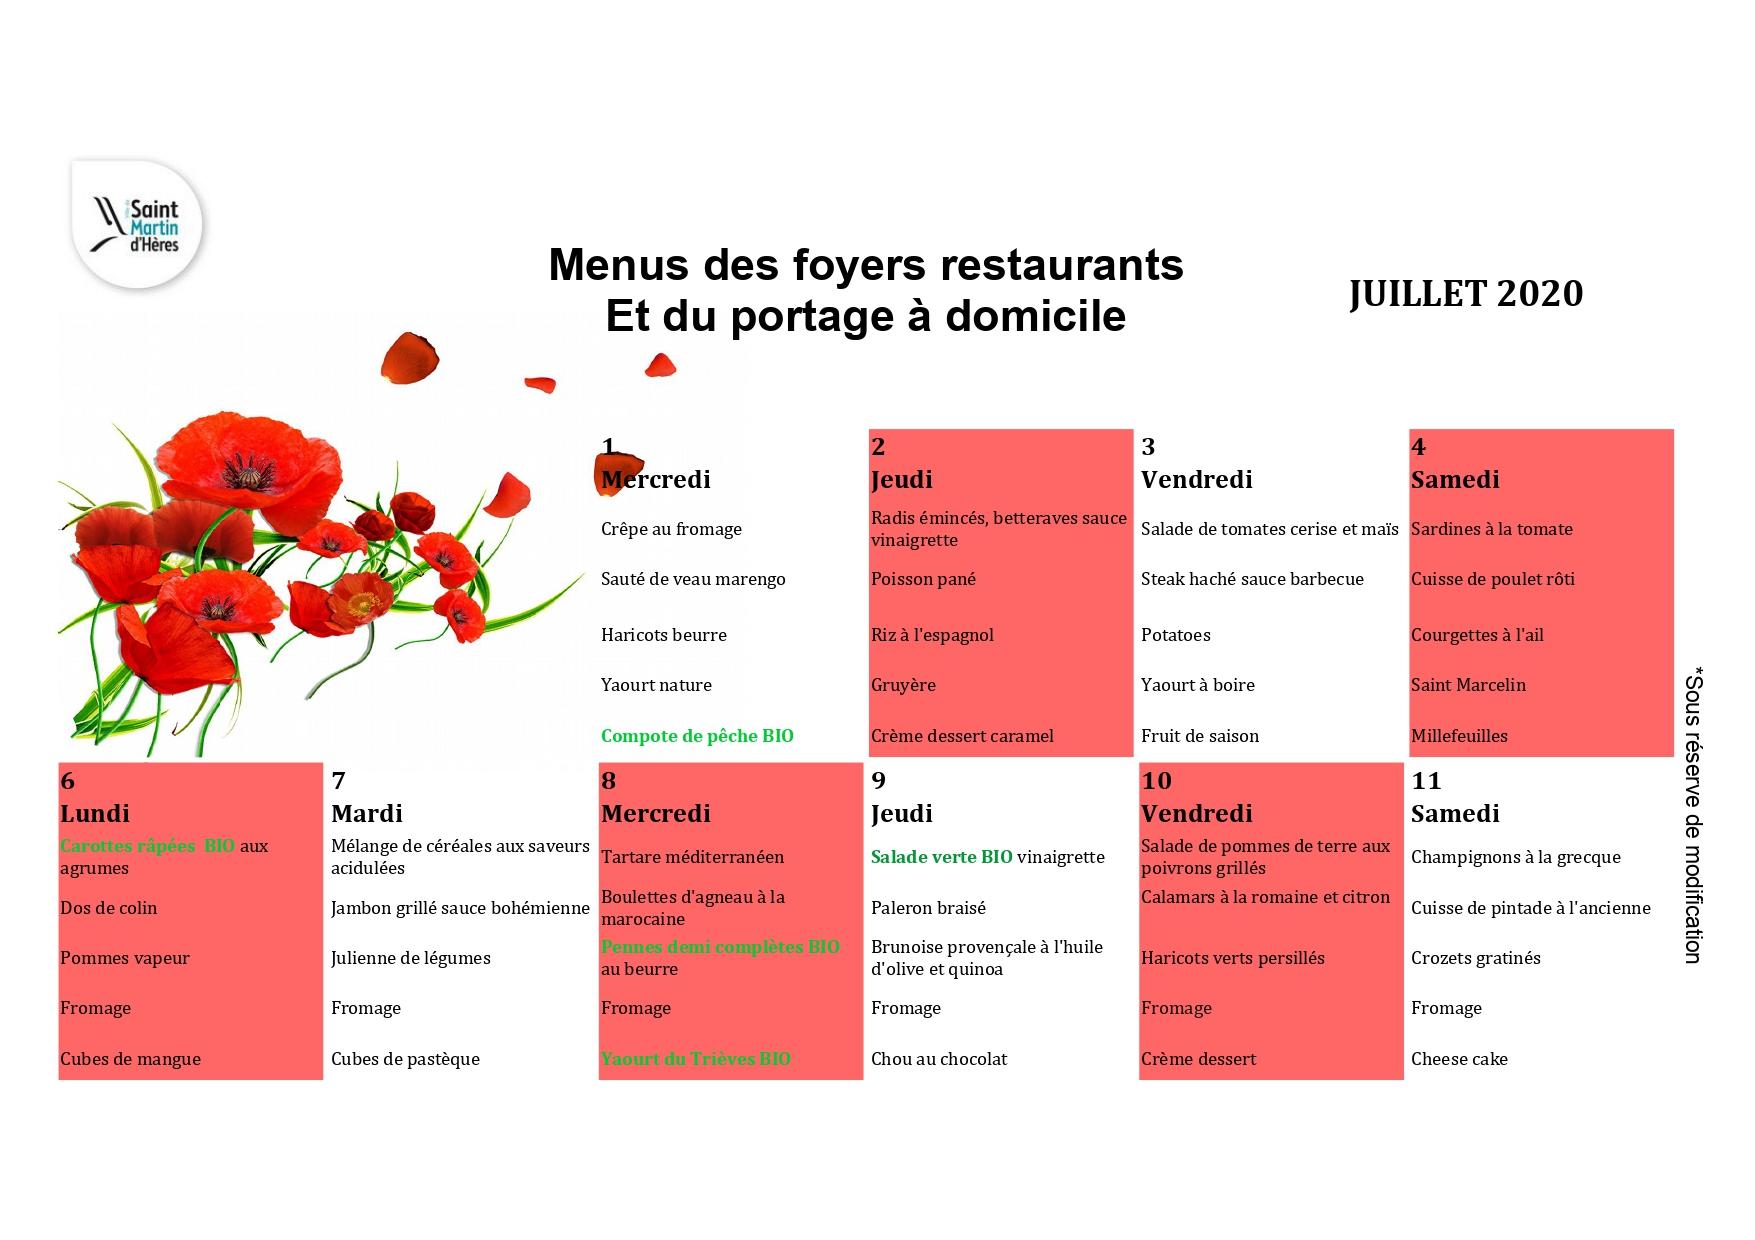 Menus foyers restaurants et portages : Juillet 2020